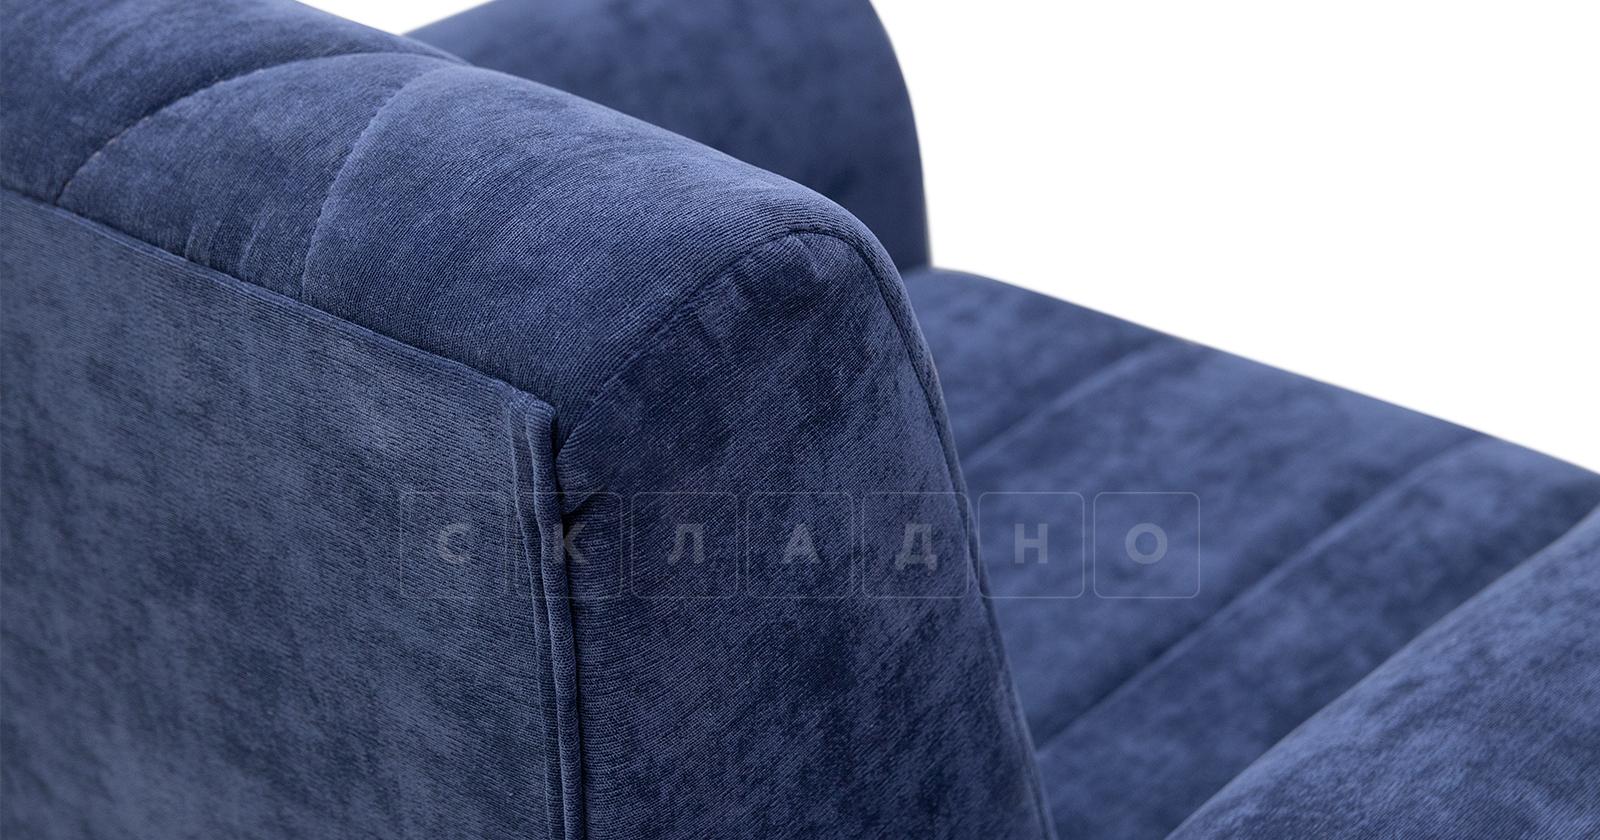 Кресло для отдыха Роза чернильный синий фото 6 | интернет-магазин Складно